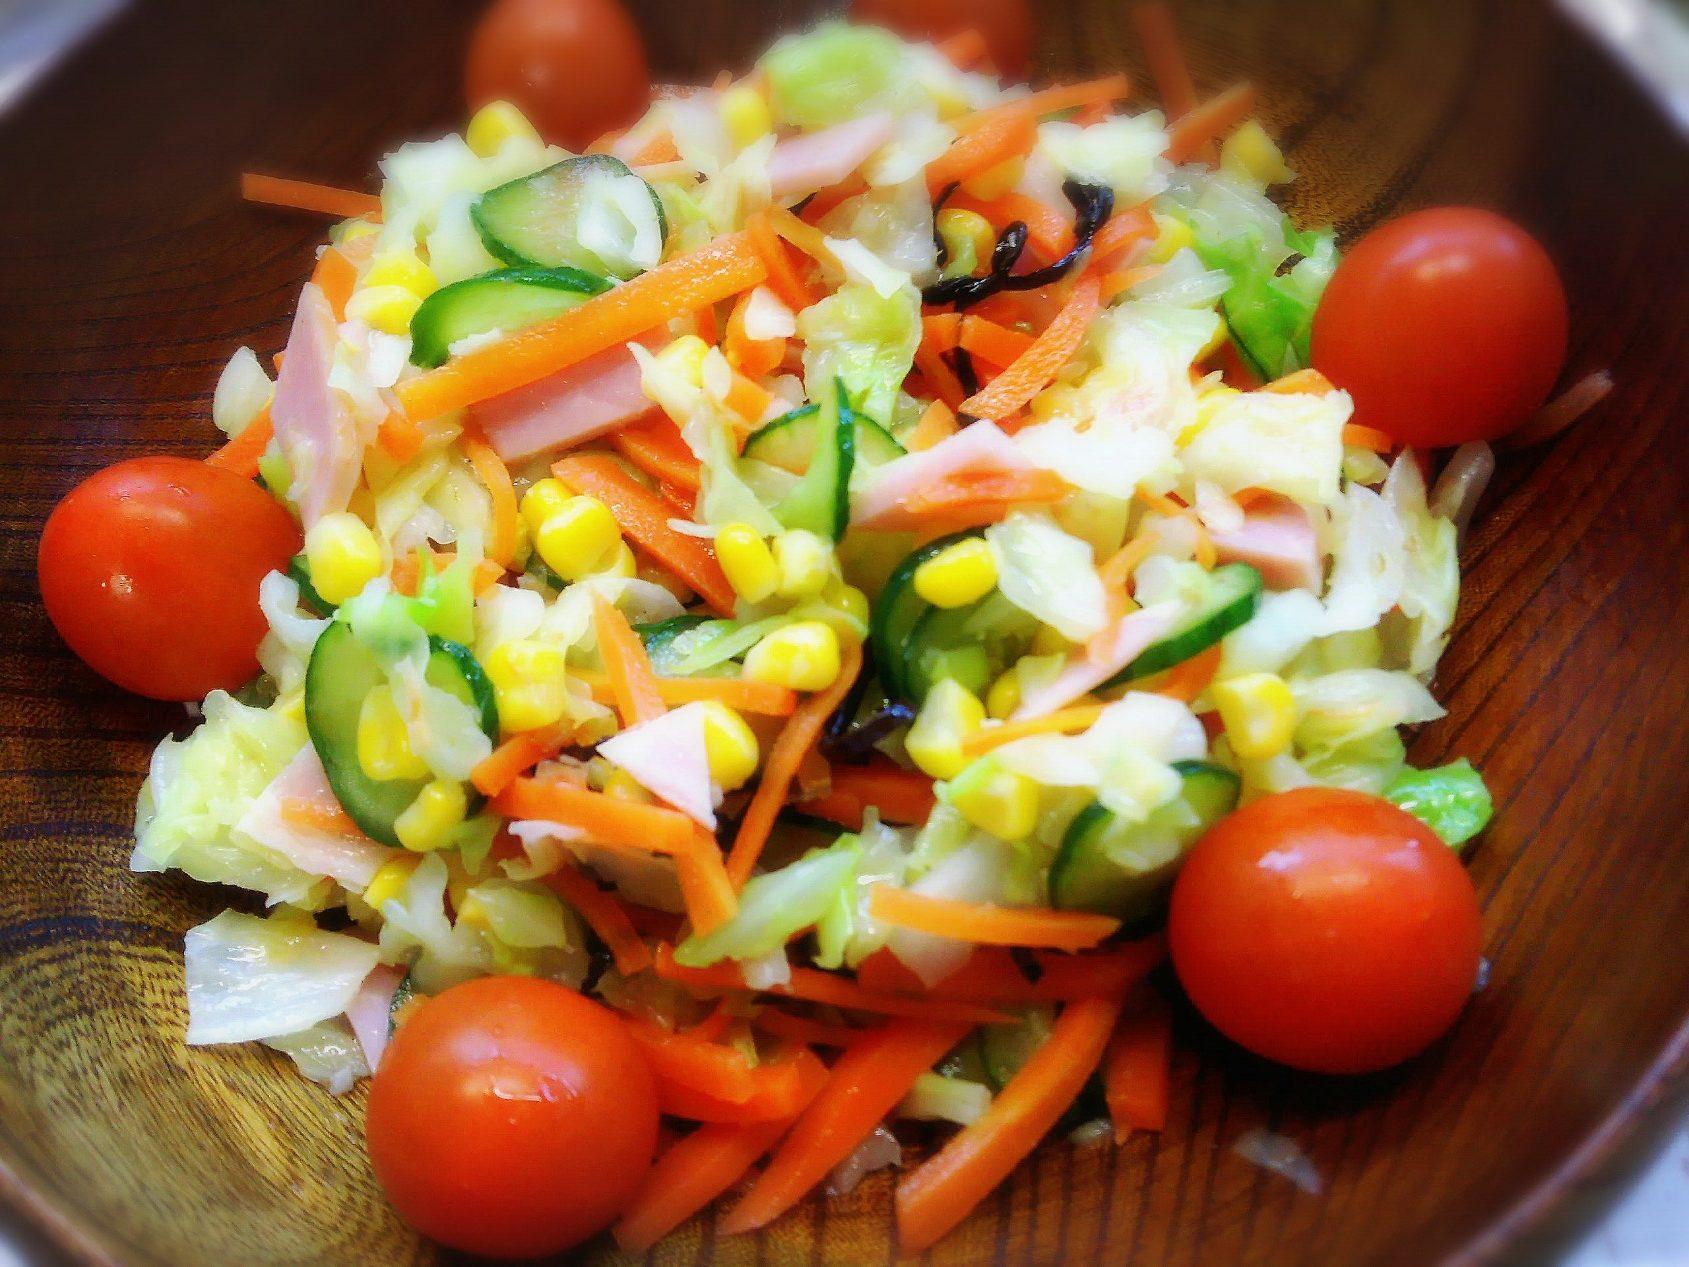 小1国語「サラダでげんき」の「りっちゃんサラダ」をお家で作ろう☆